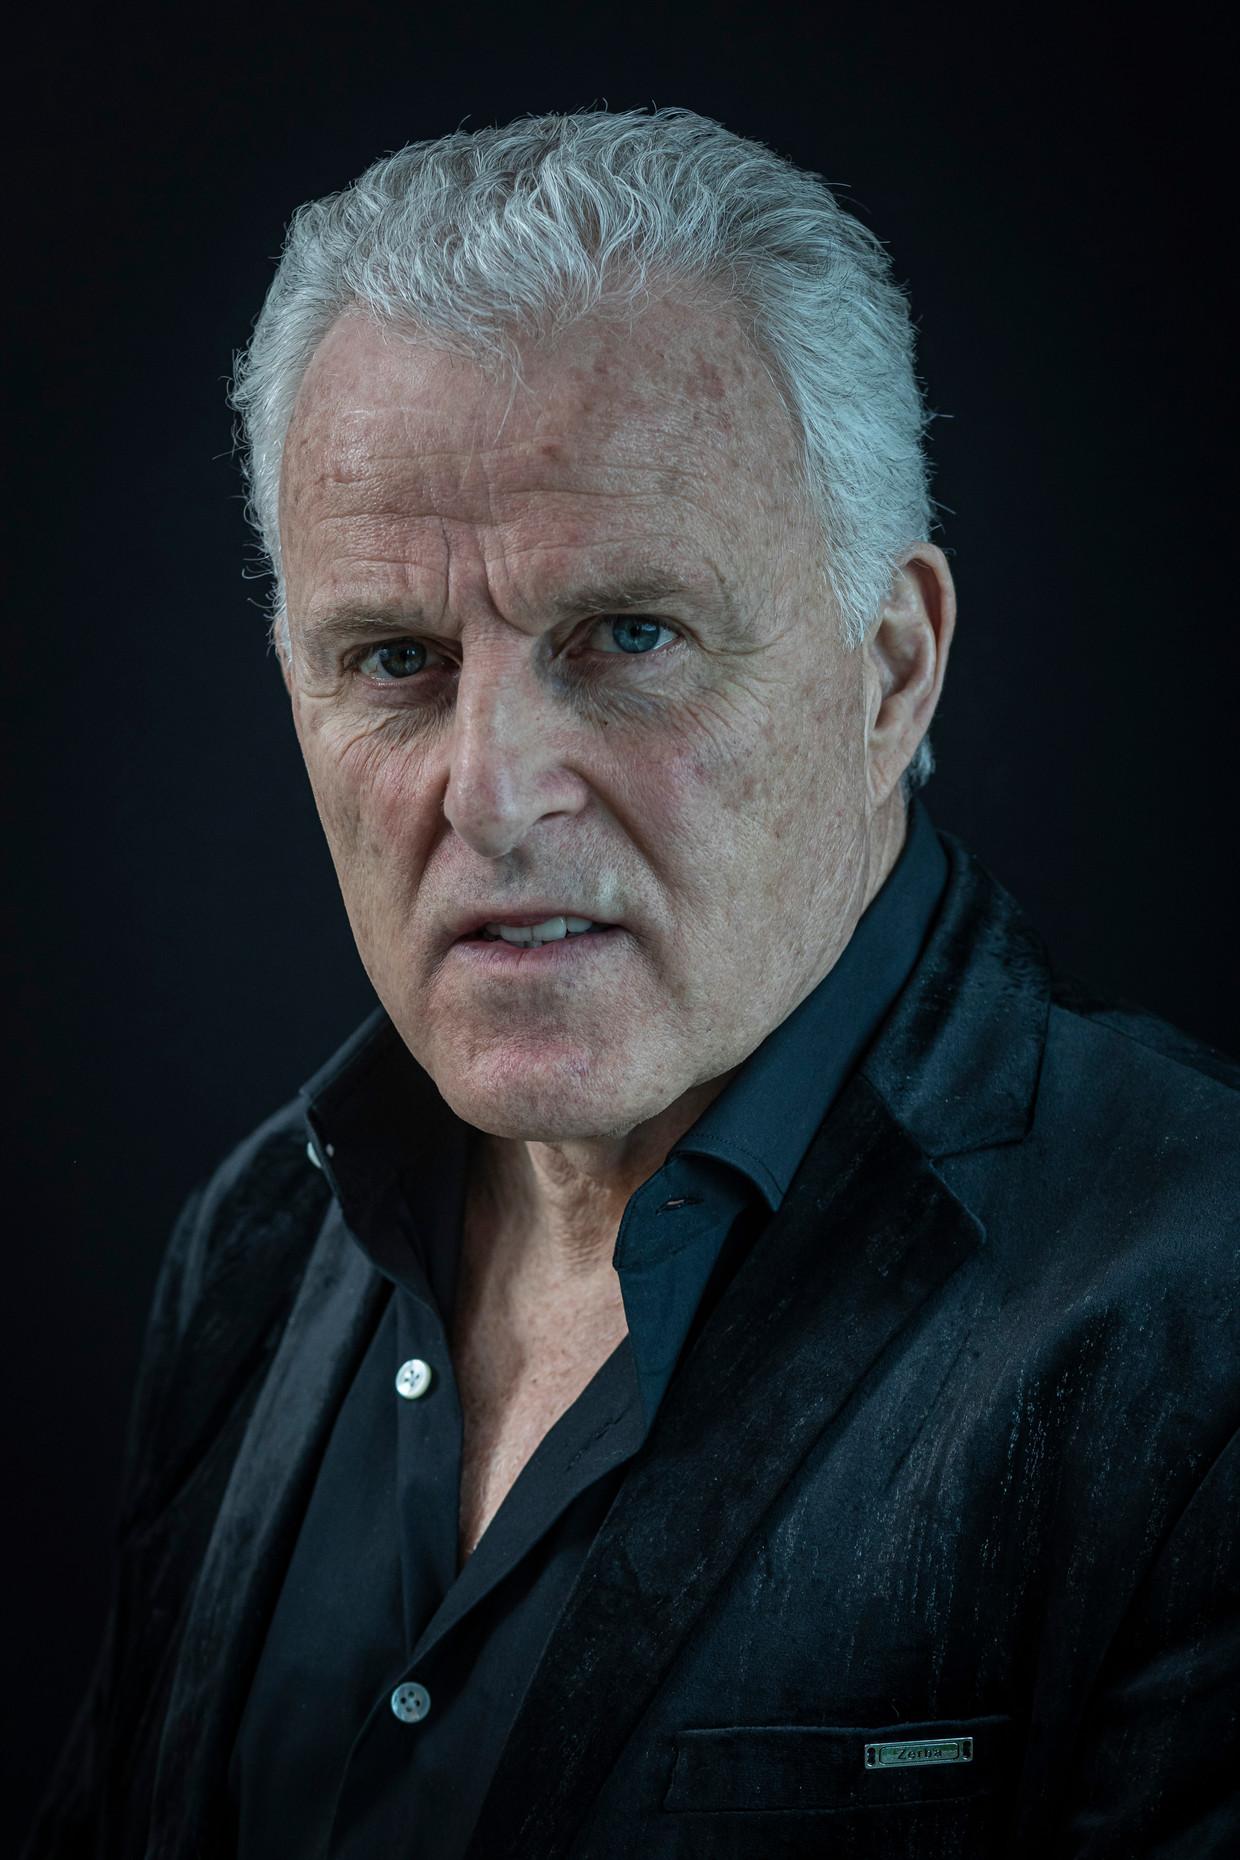 Misdaadverslaggever Peter R. de Vries.